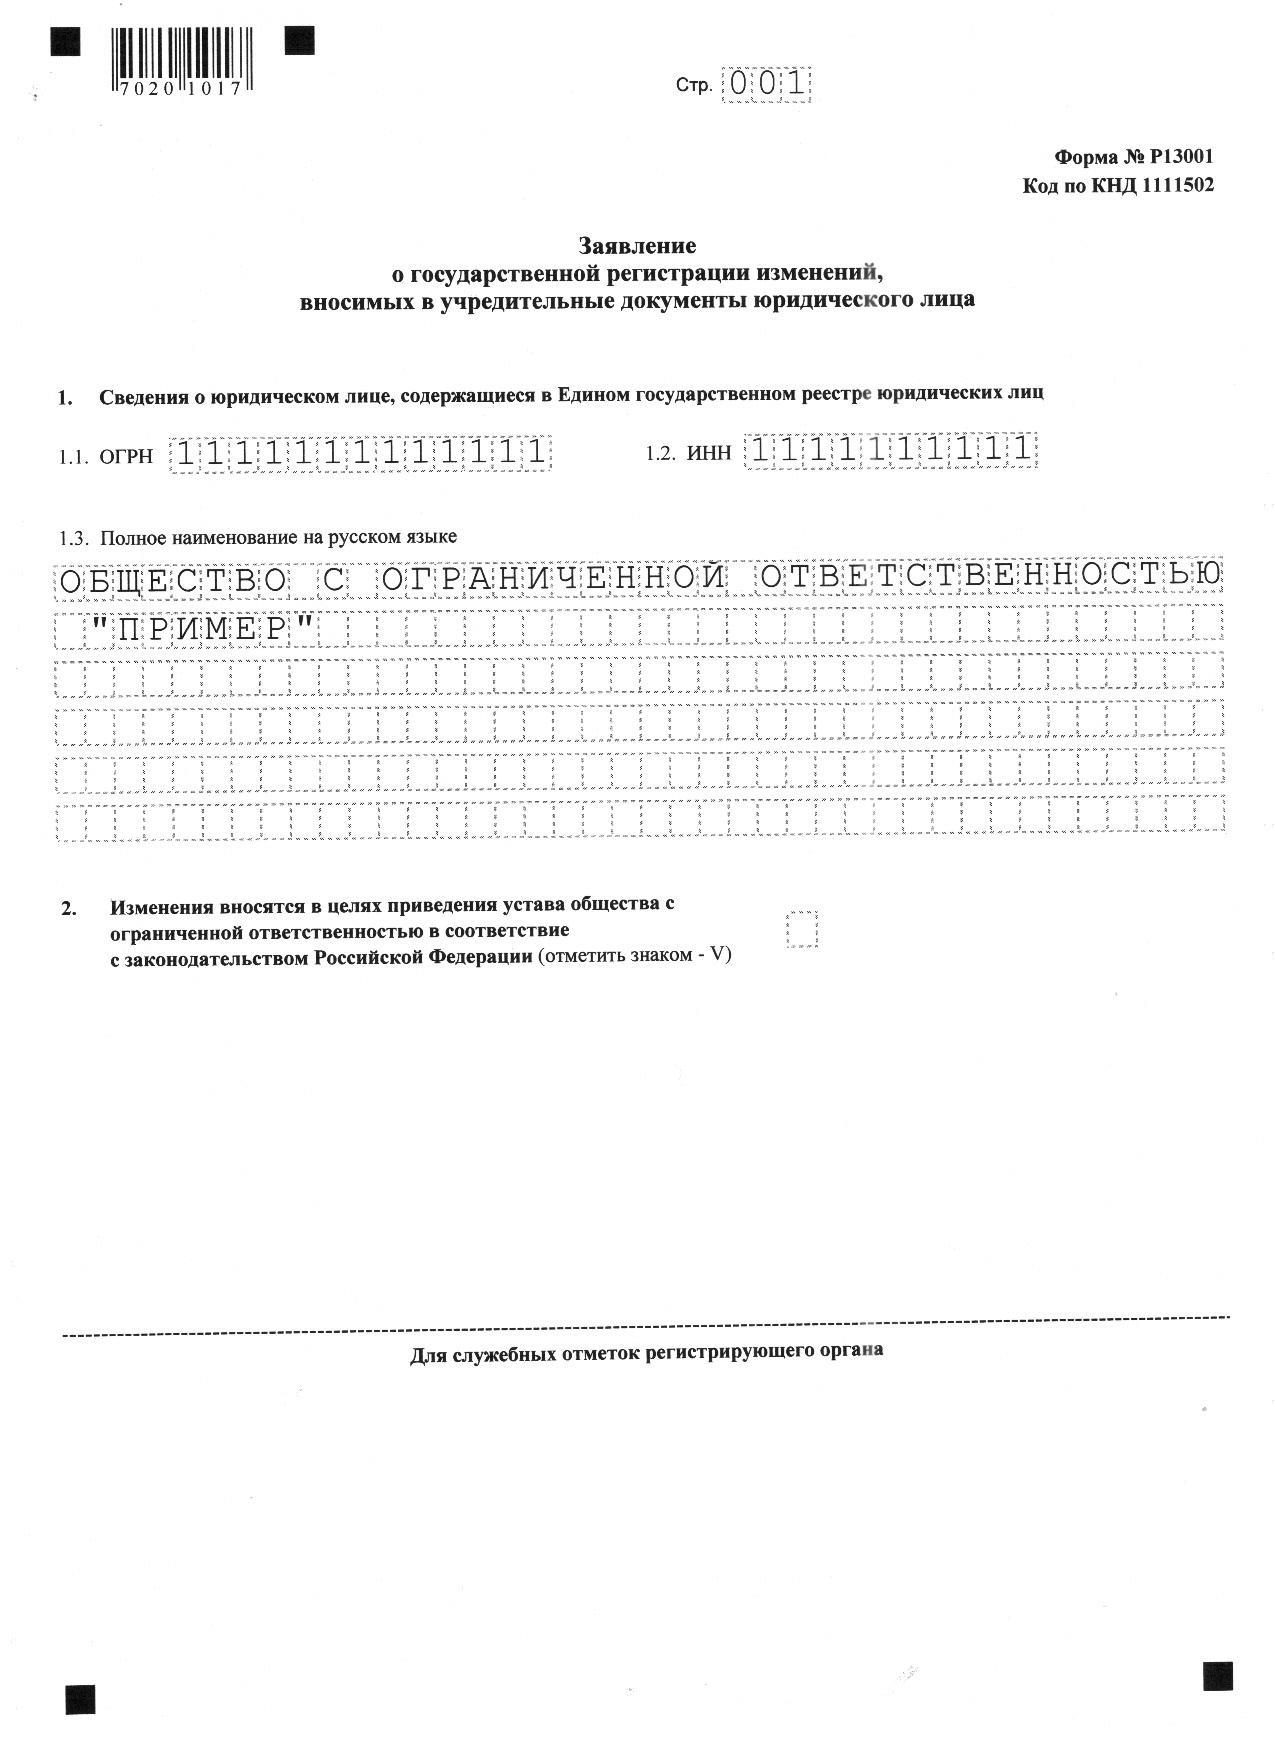 Инструкция документы необходимые в центральный банк для согласования кандидатур руководителей